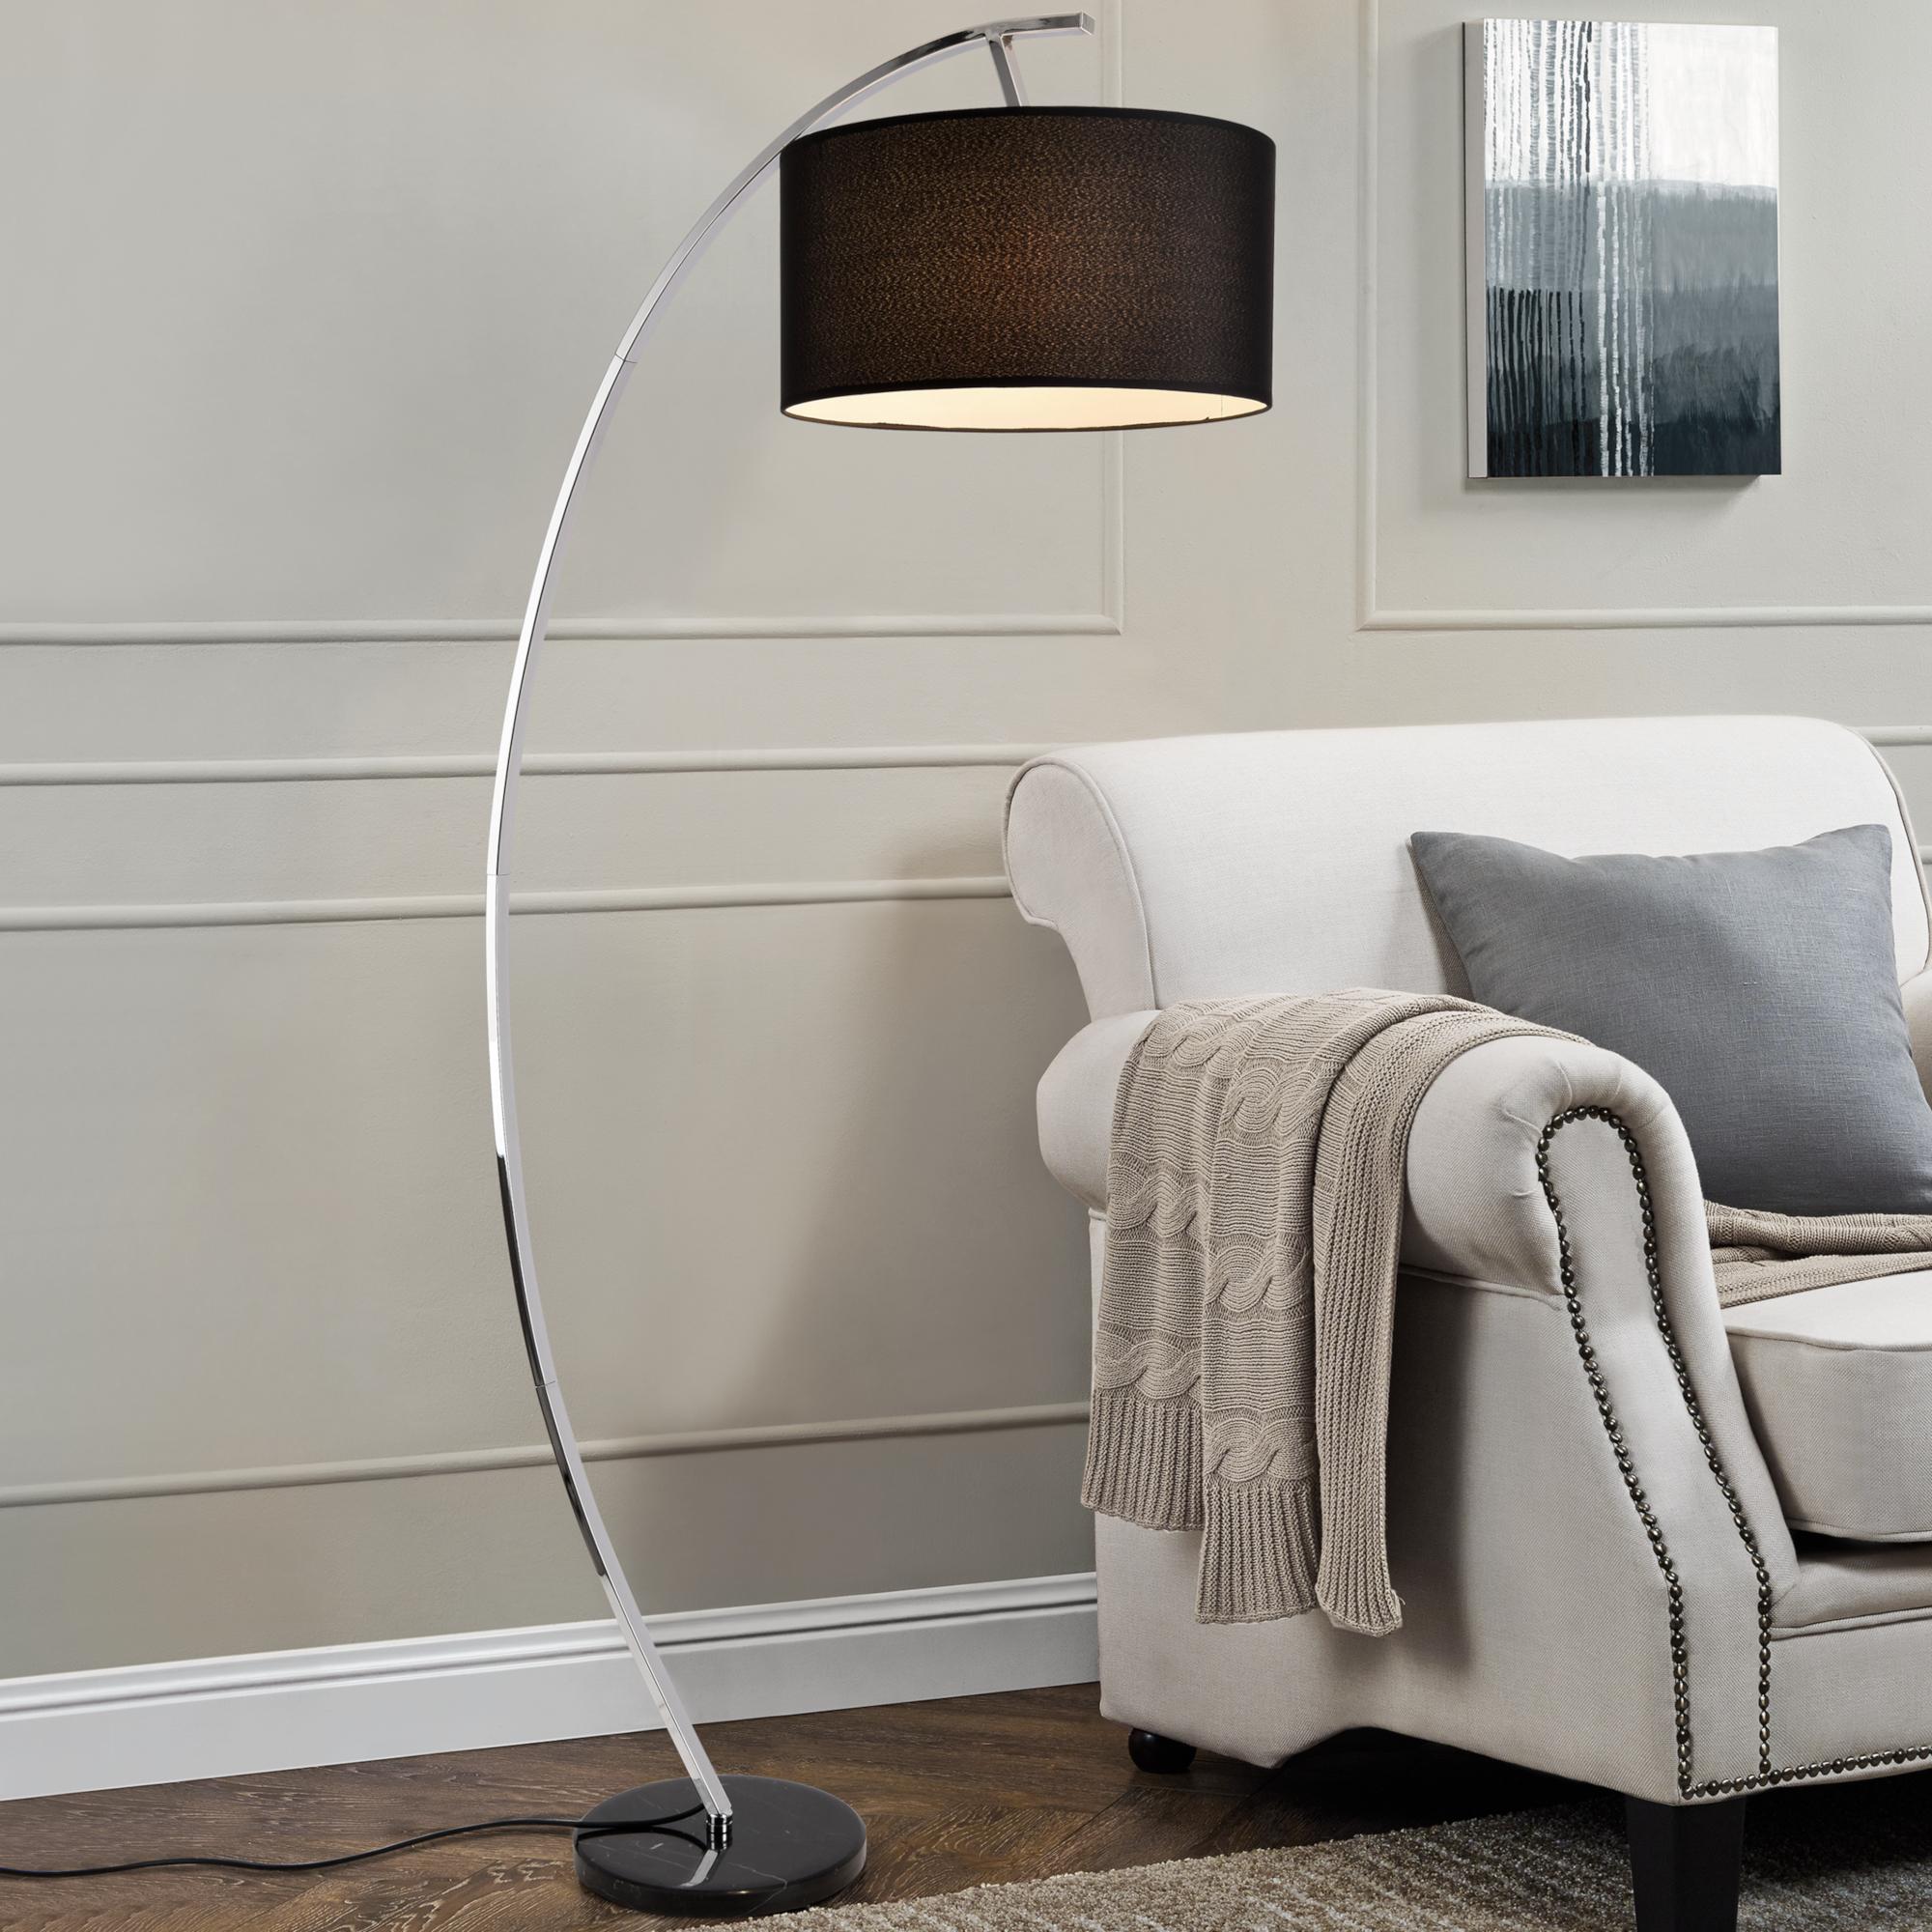 Stehleuchte 153cm Bogenlampe Stehlampe Standleuchte Bogen Stand